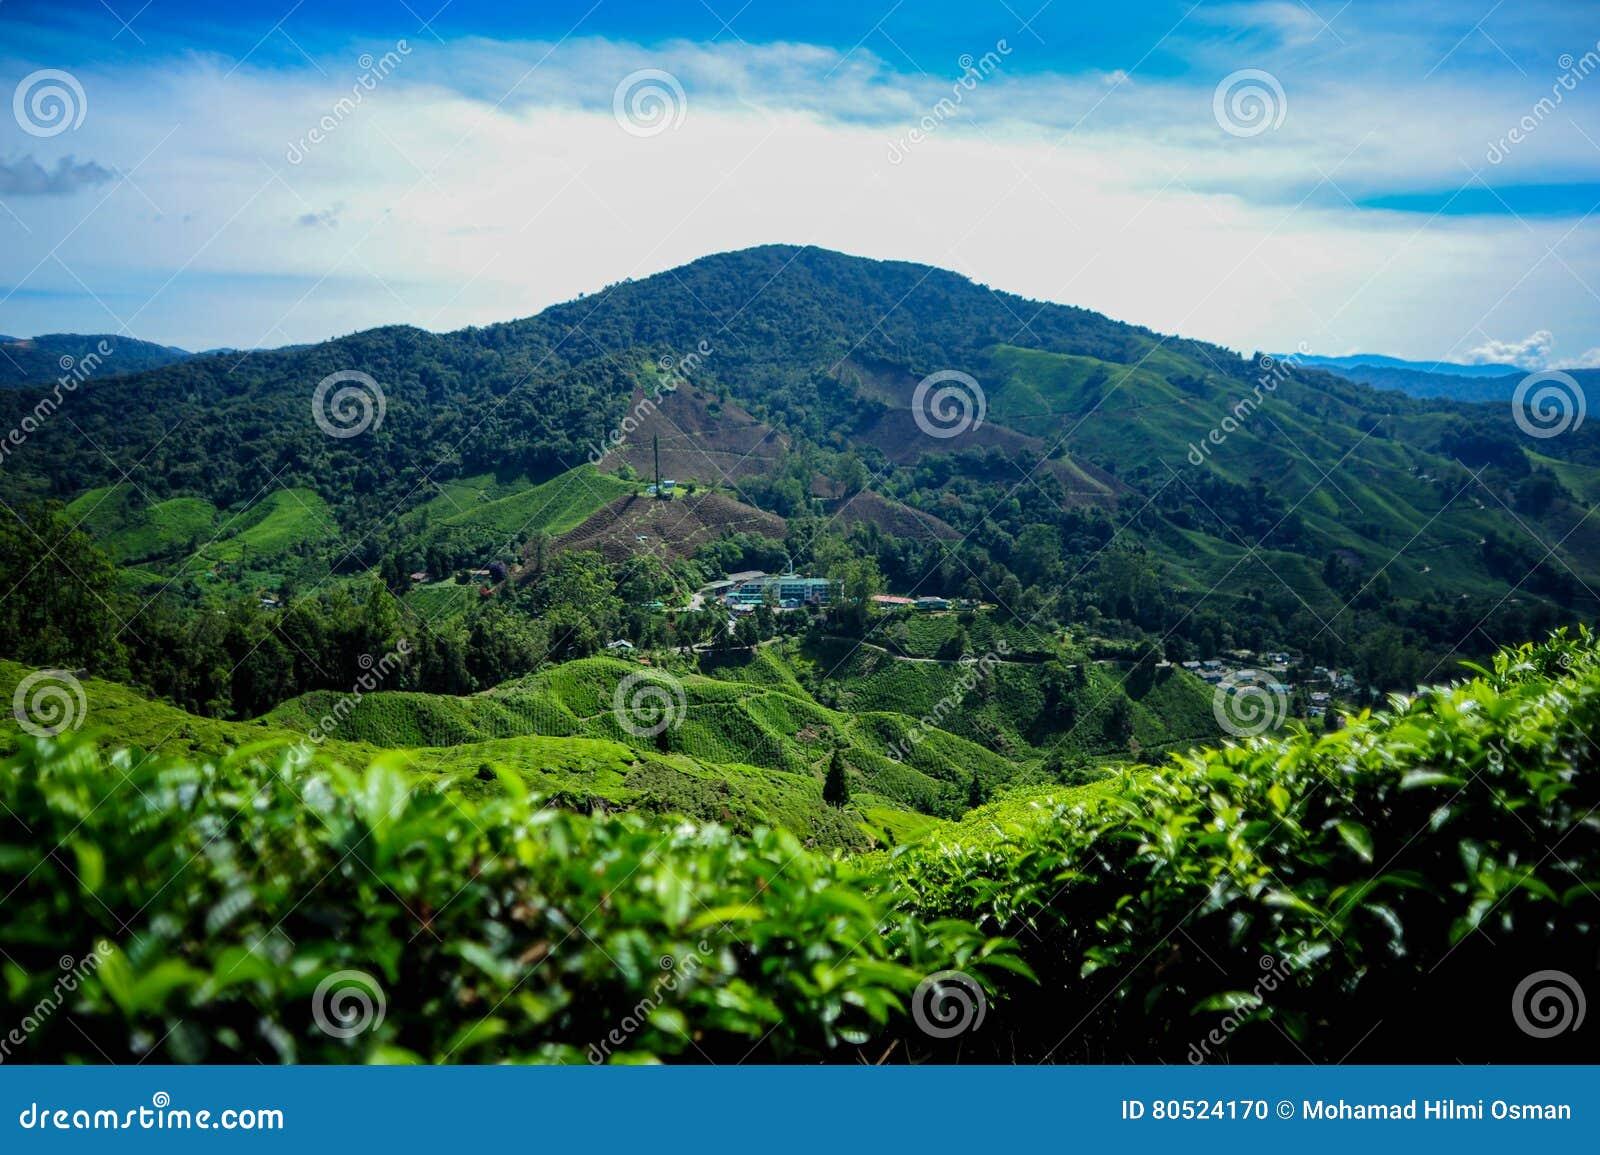 Μια όμορφη άποψη στη φυτεία τσαγιού στην ορεινή περιοχή του Cameron